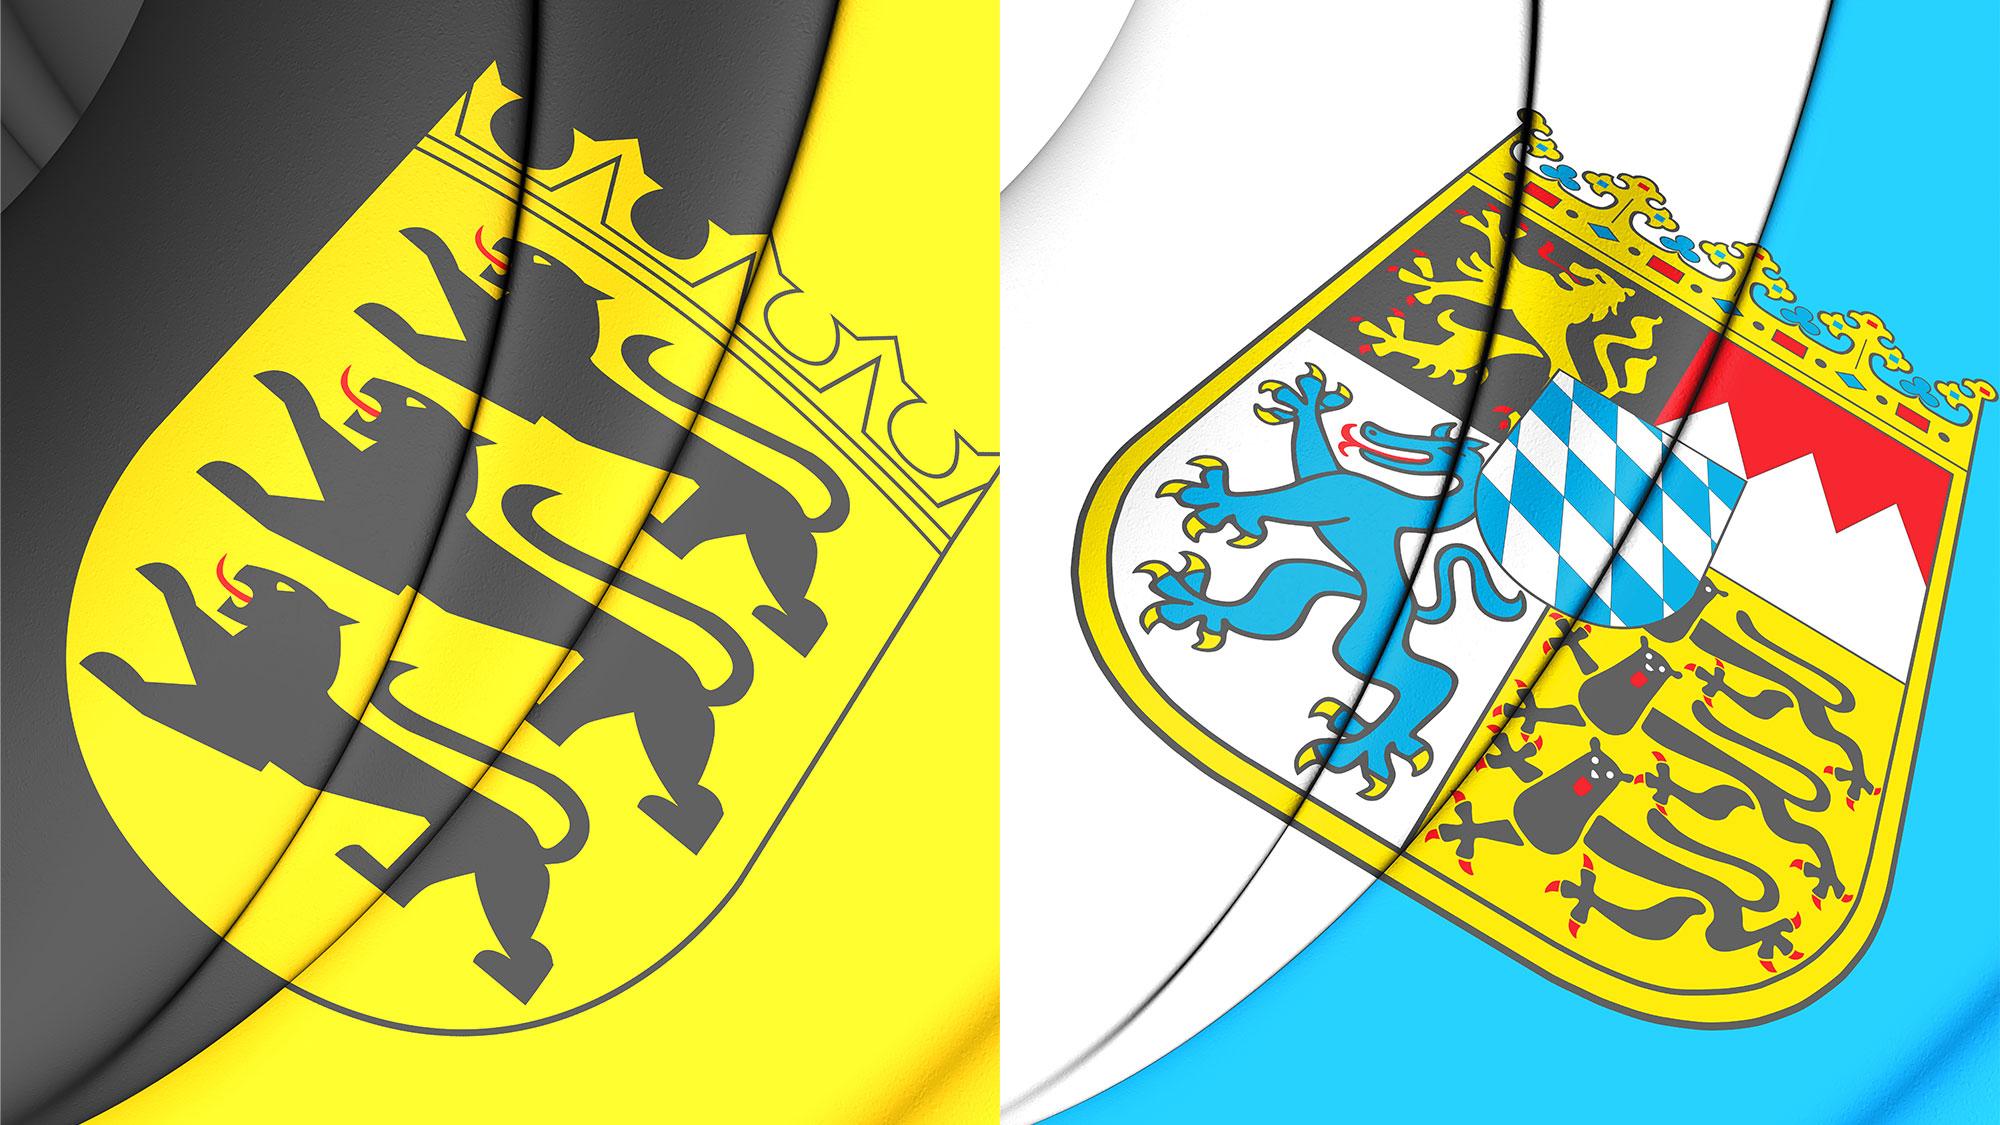 Kommunalwahlen 2020 Wahlerfolge Fur Die Fdp In Bayern Und Baden Wurttemberg